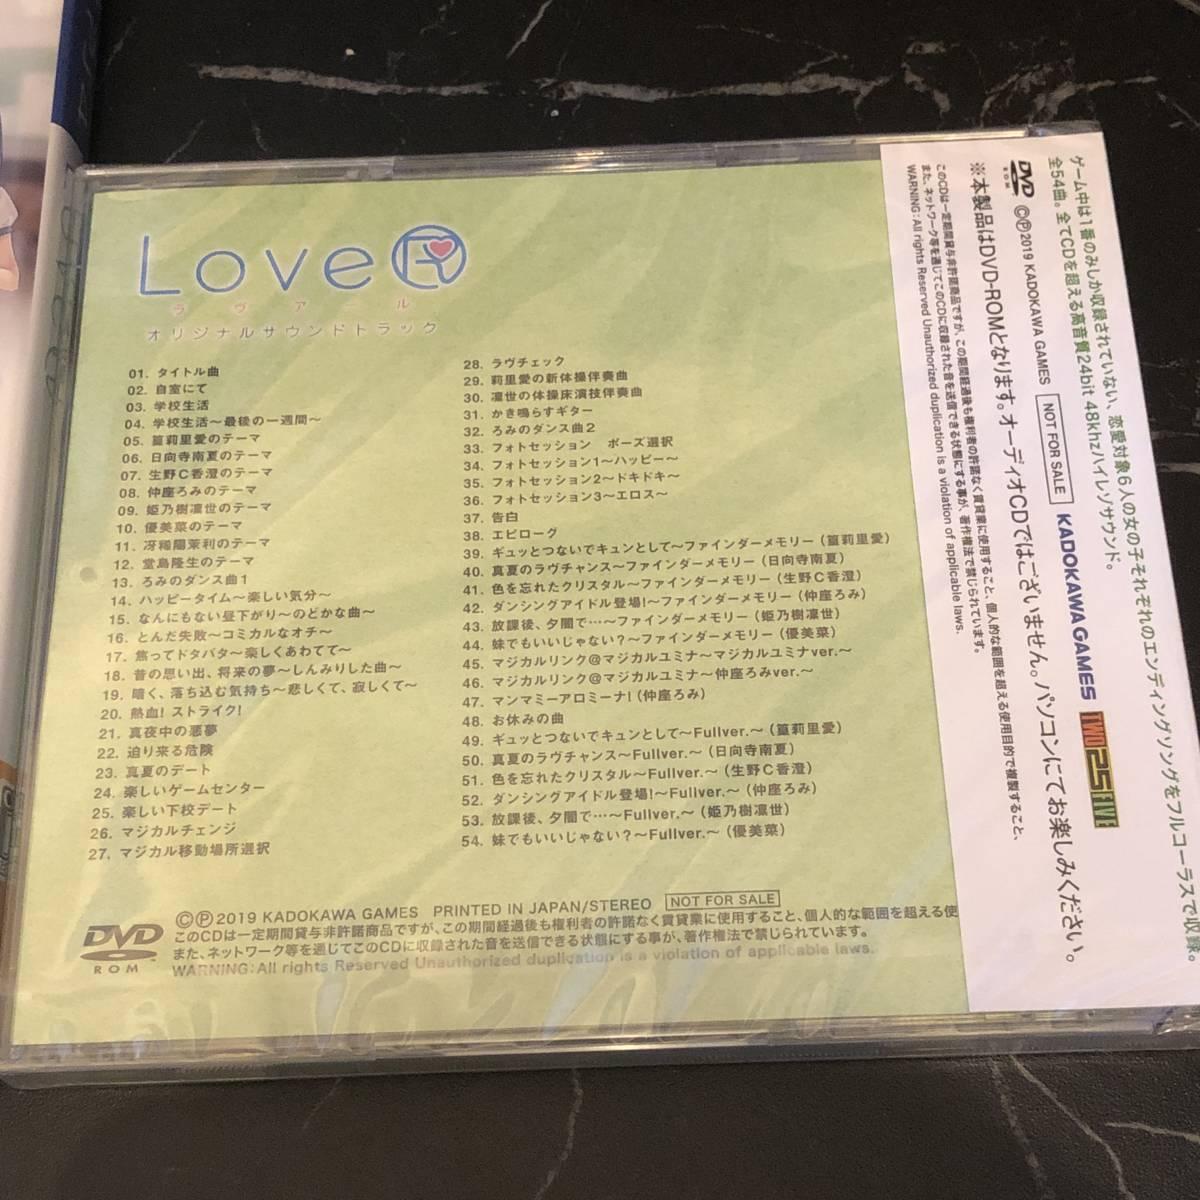 新品未開封・送料無料■PS4ソフト 角川ゲームス KADOKAWA LoveR 予約特典オリジナルサウンドトラックDVD付■サントラ プレイステーション4